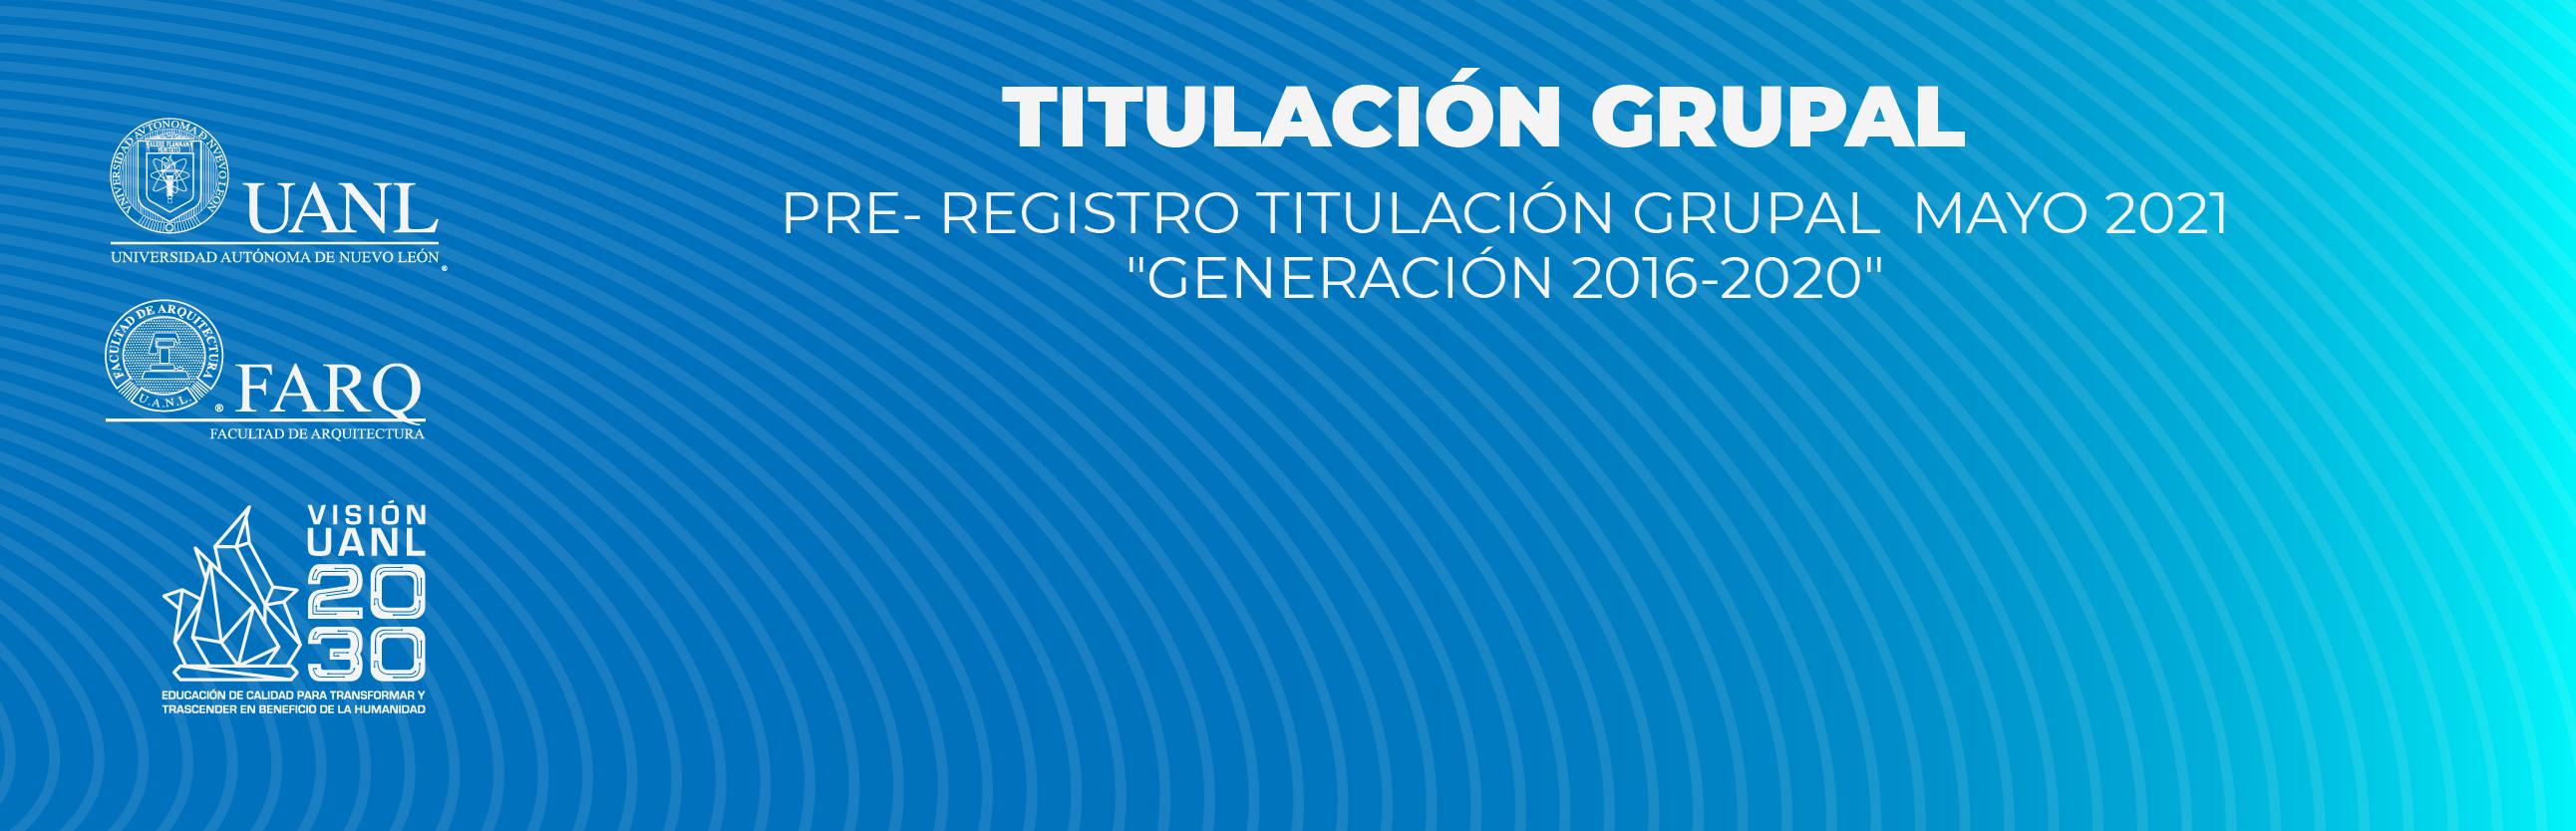 Titulación Grupal